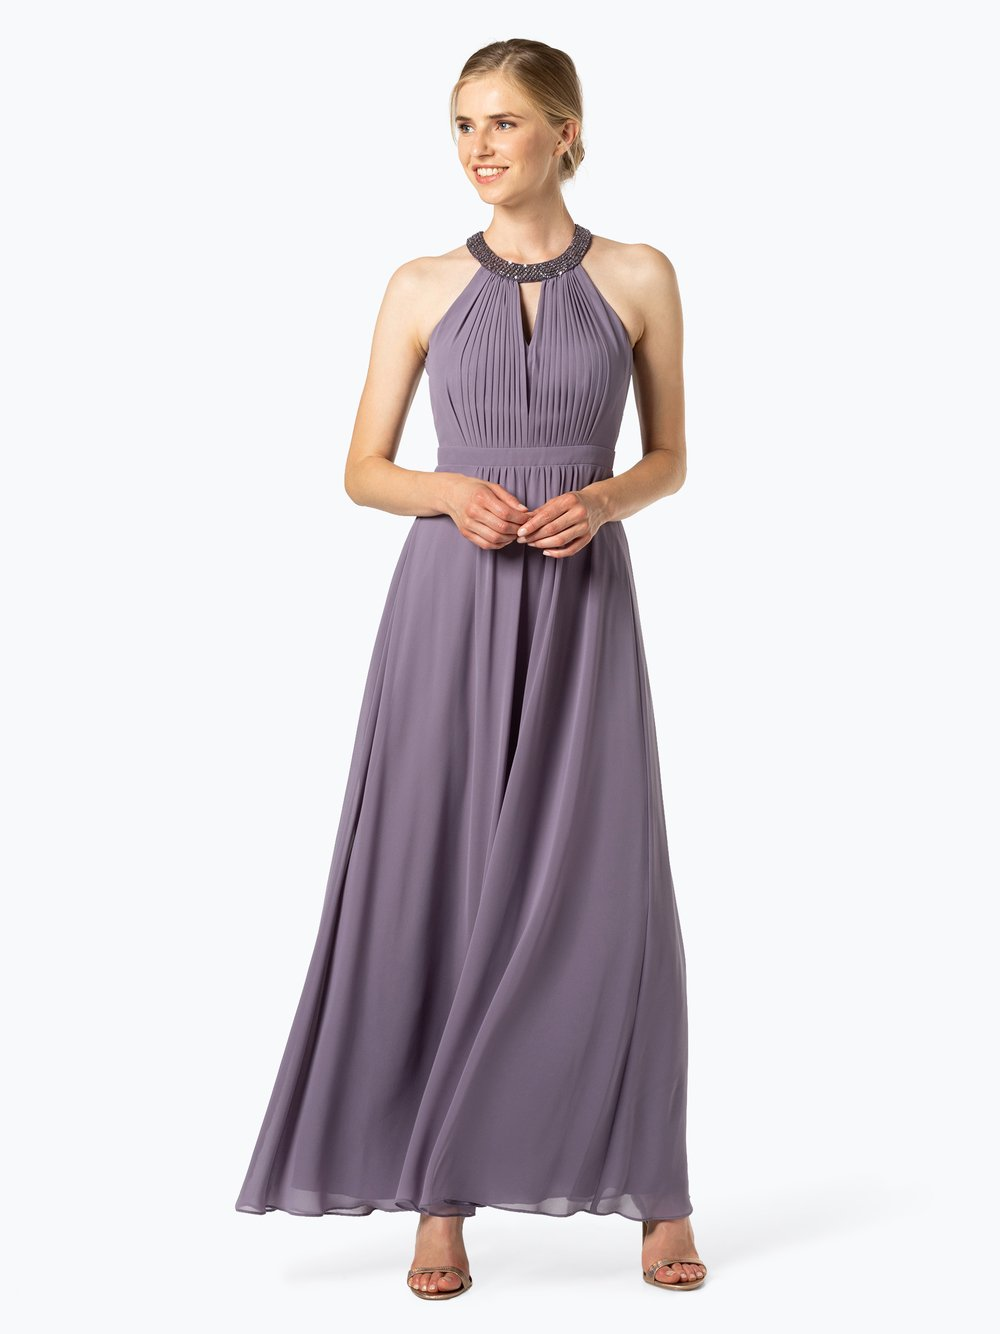 VM – Damska sukienka wieczorowa, lila Van Graaf 449215-0002-00400